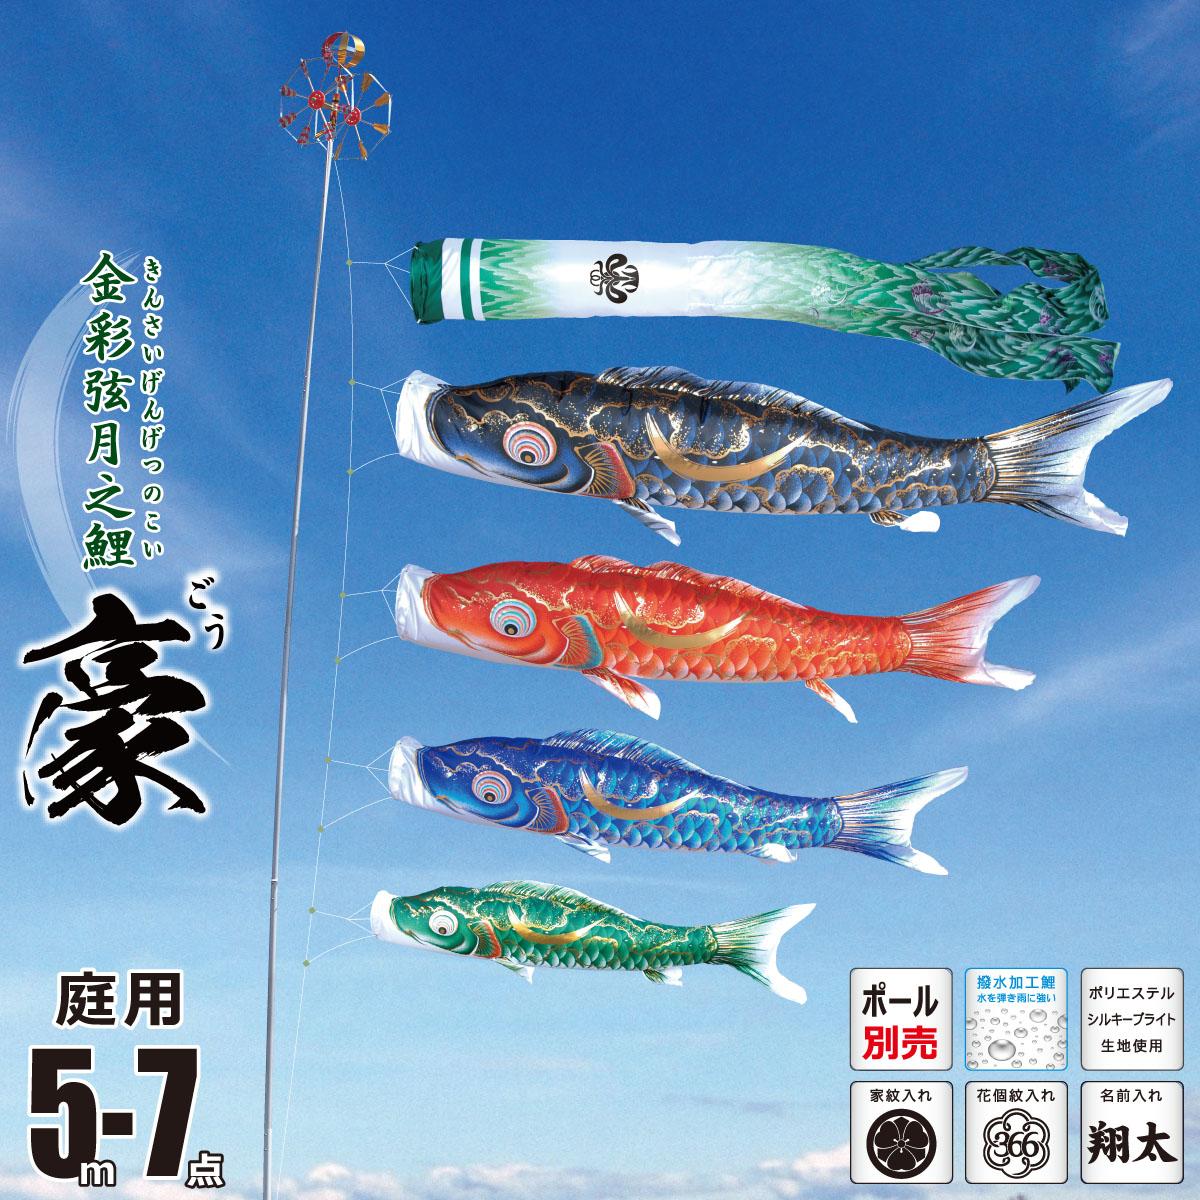 こいのぼり 5m 豪(ごう) 7点 (矢車、ロープ、吹流し、鯉4匹) 庭園用 (ポール別売り) 徳永鯉のぼり KIT-001-813